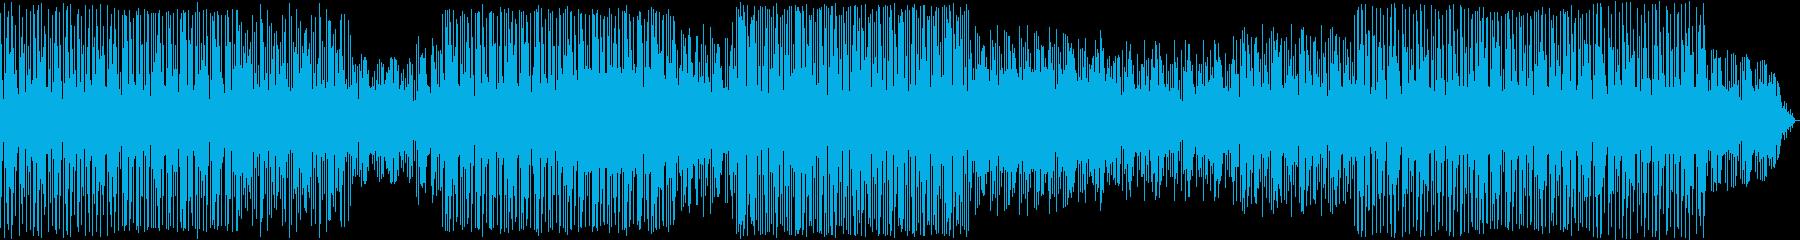 エネルギー。コールオブスペースvs...の再生済みの波形